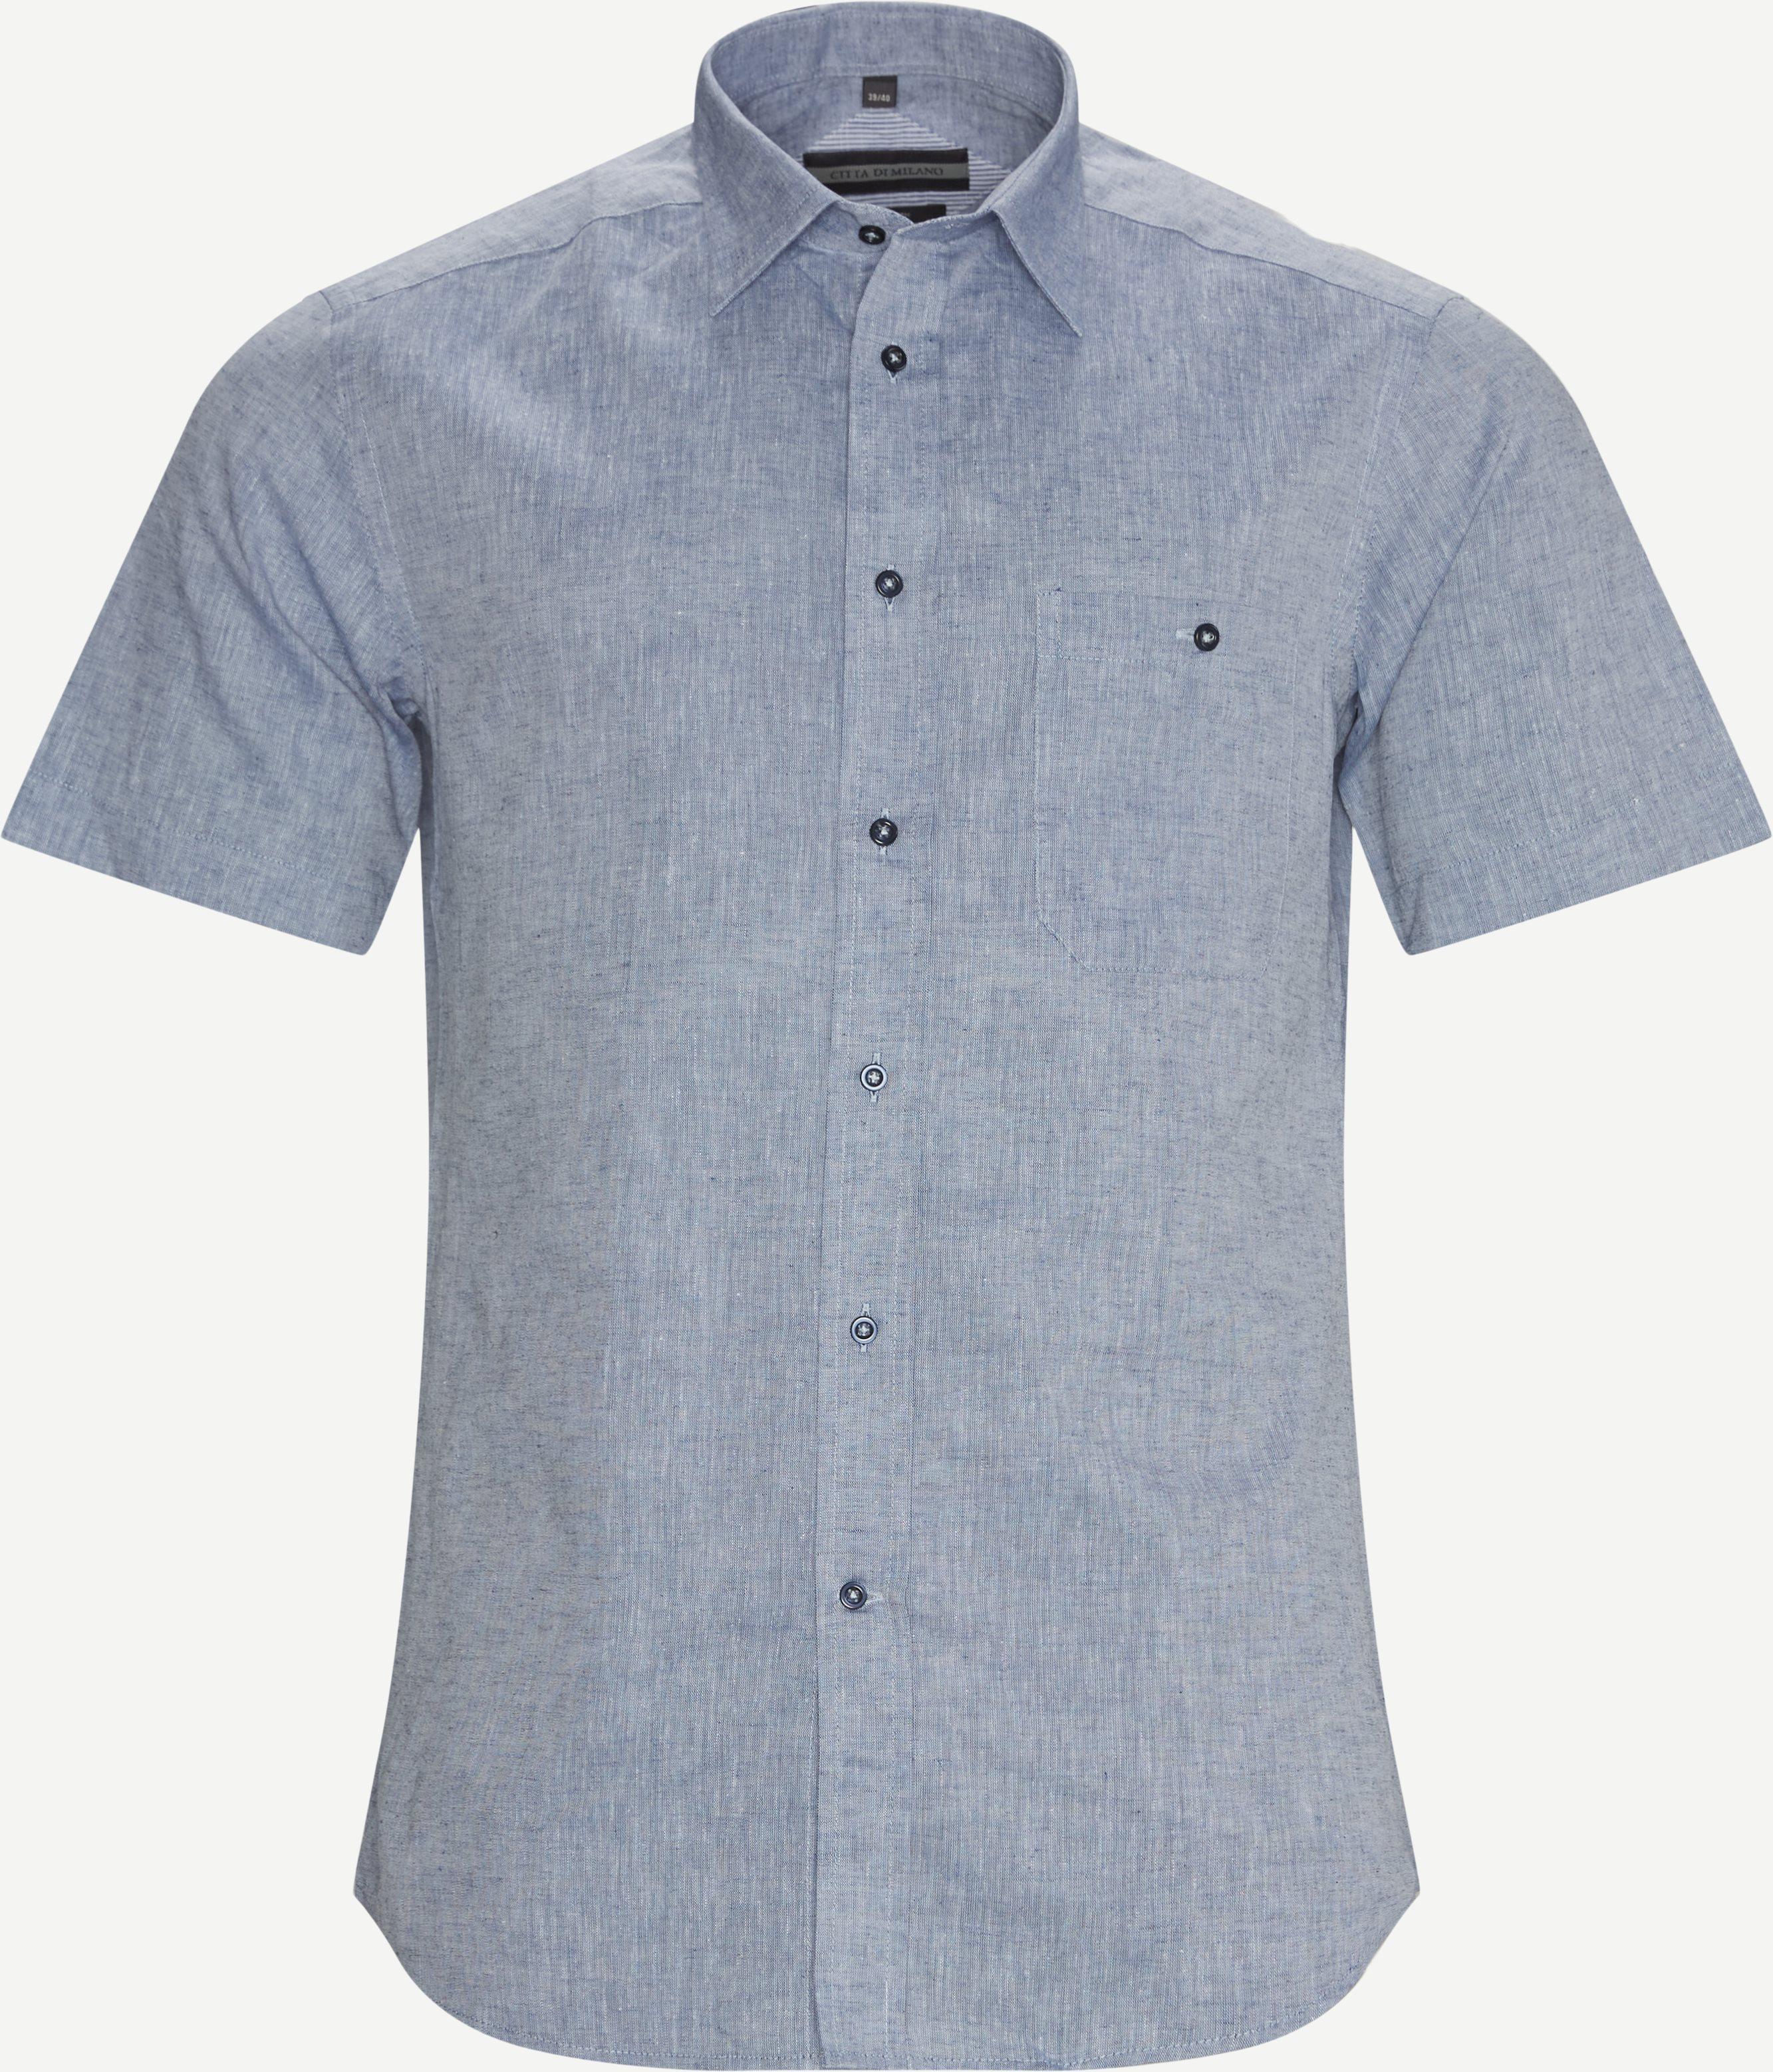 Montreux K/Æ Skjorte - Short-sleeved shirts - Regular fit - Blue